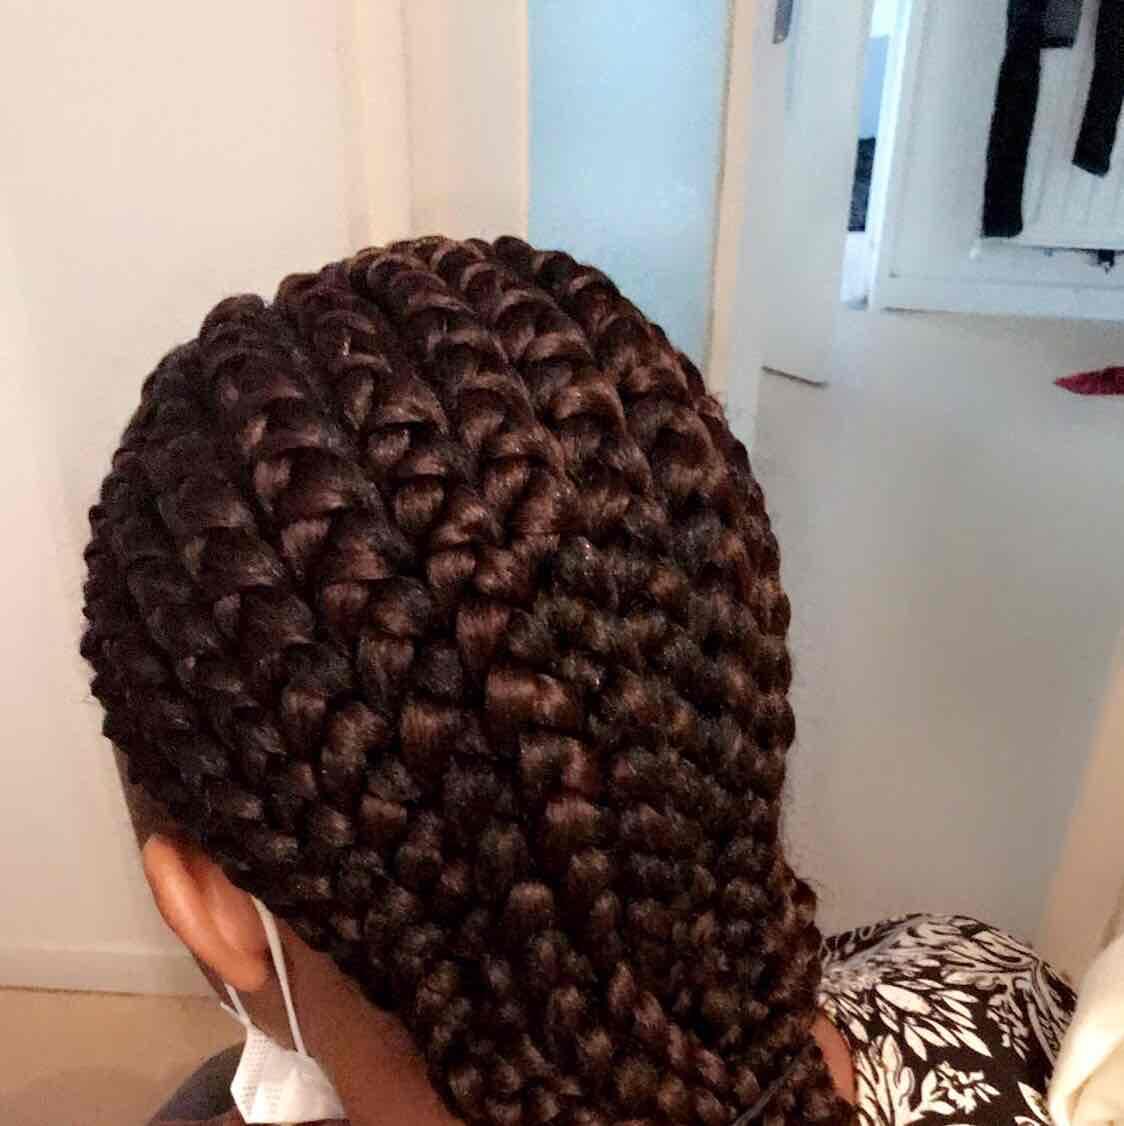 salon de coiffure afro tresse tresses box braids crochet braids vanilles tissages paris 75 77 78 91 92 93 94 95 YLGKWWXV